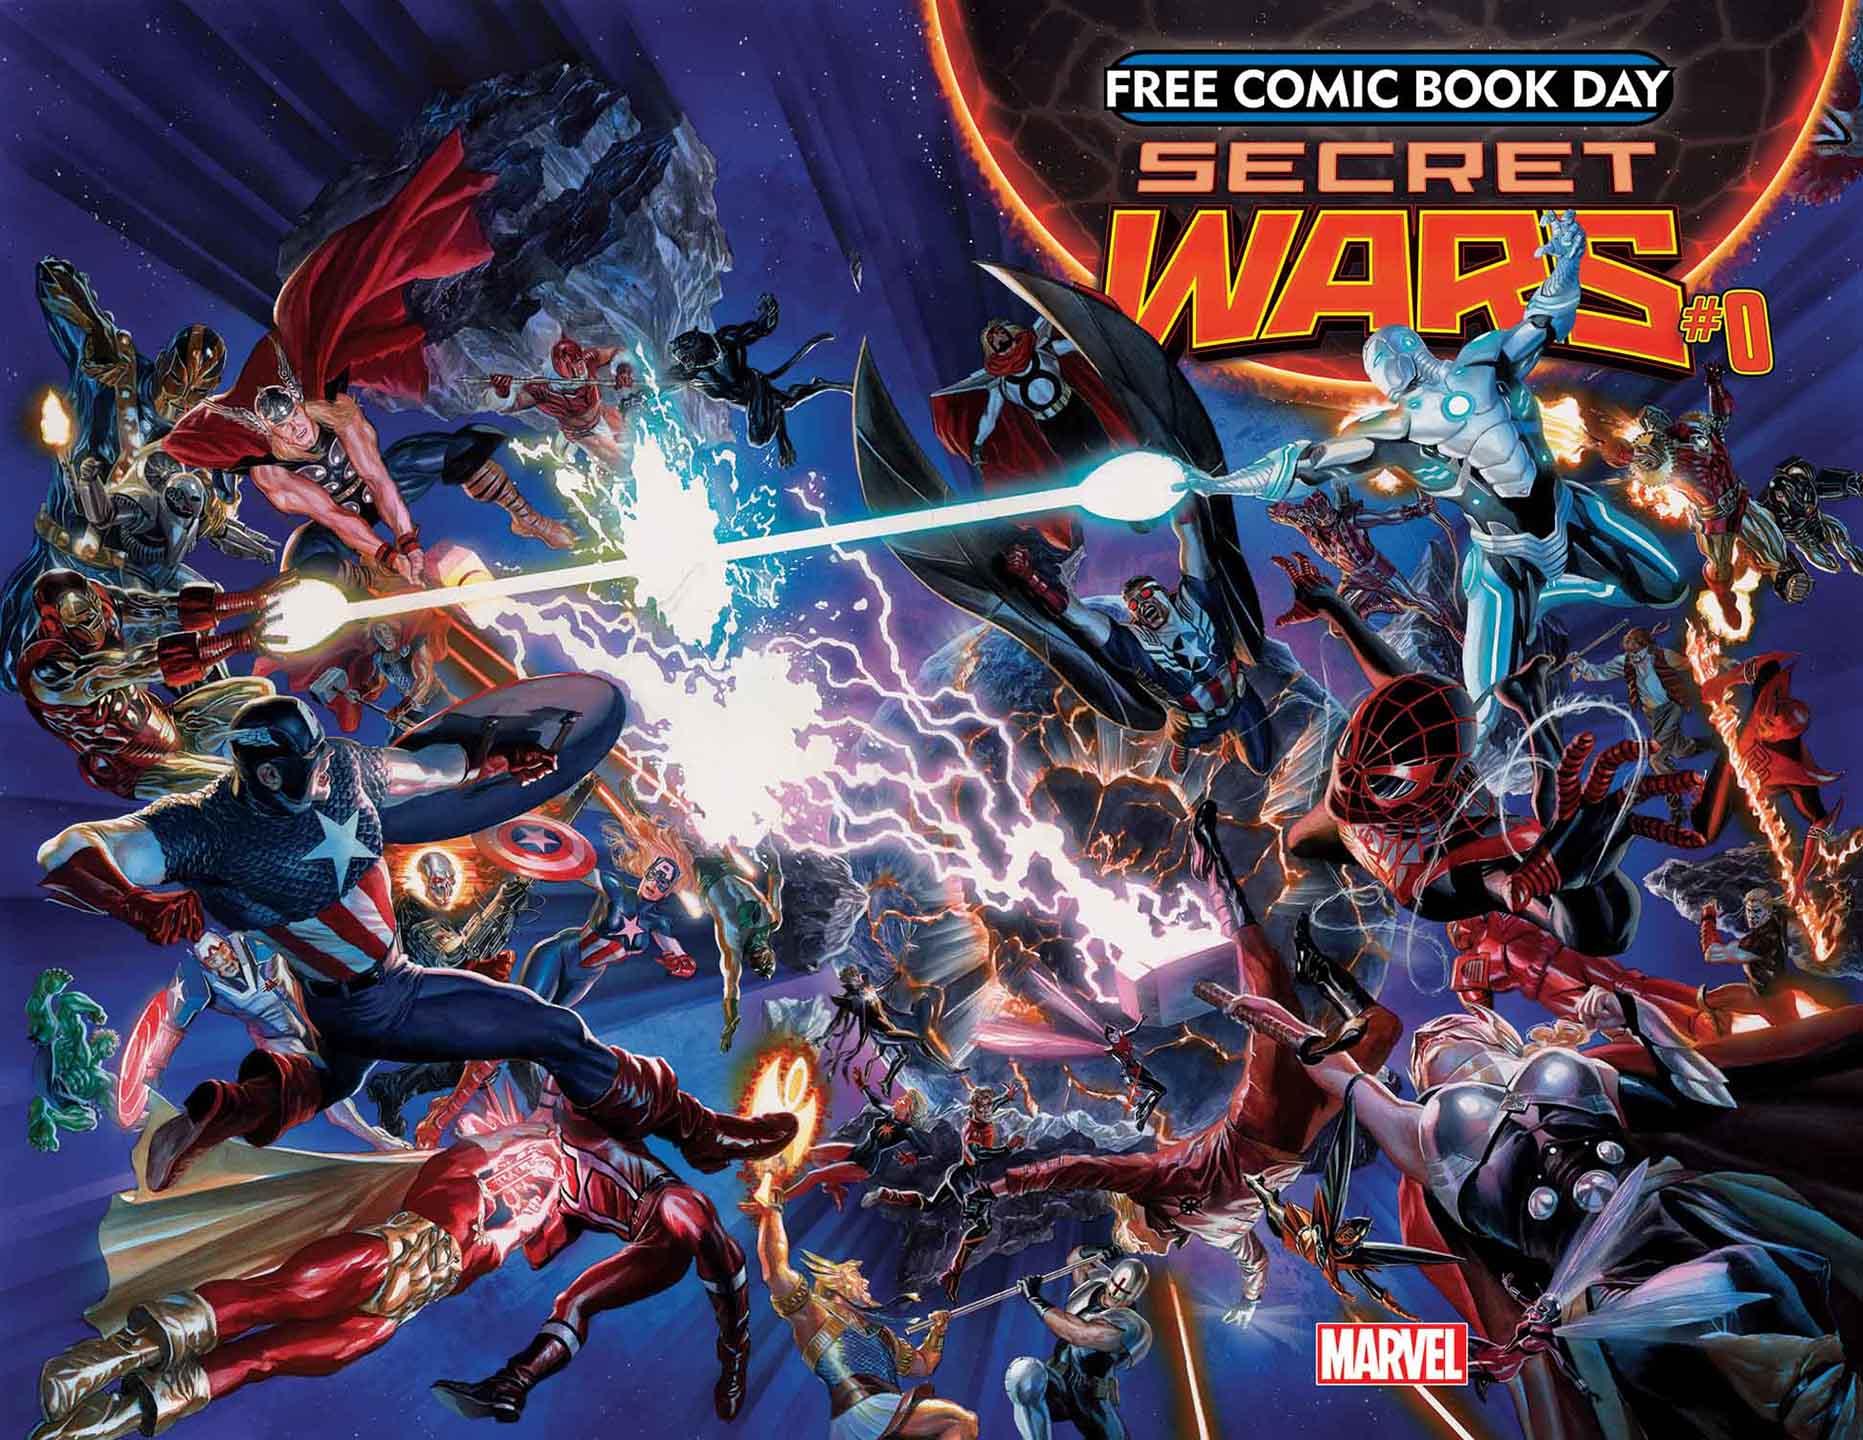 free comic book day volume 2015 secret wars spider man wiki